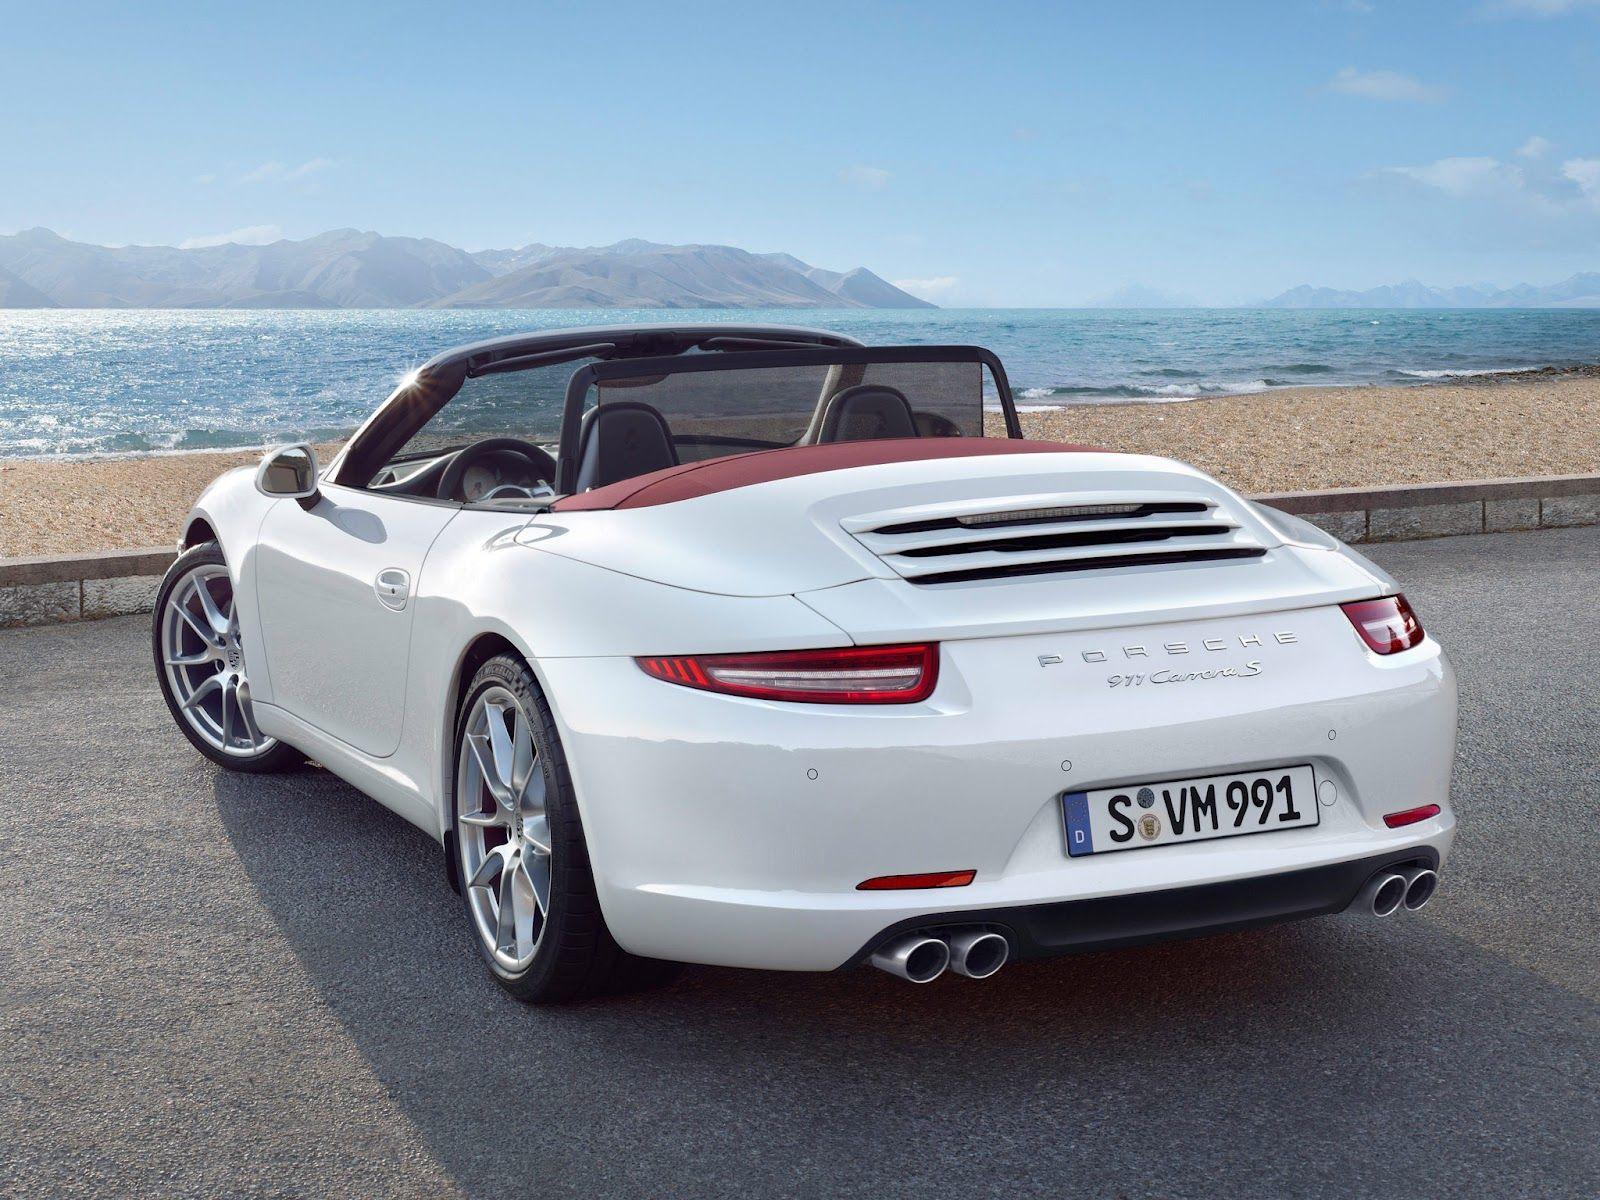 Porsche Carrera GT | Porsche 911, Carrera and Cars on 2017 porsche boxster, 2017 ford gt targa, 2017 porsche cayman, 2017 porsche cayenne, 2017 porsche gt3,